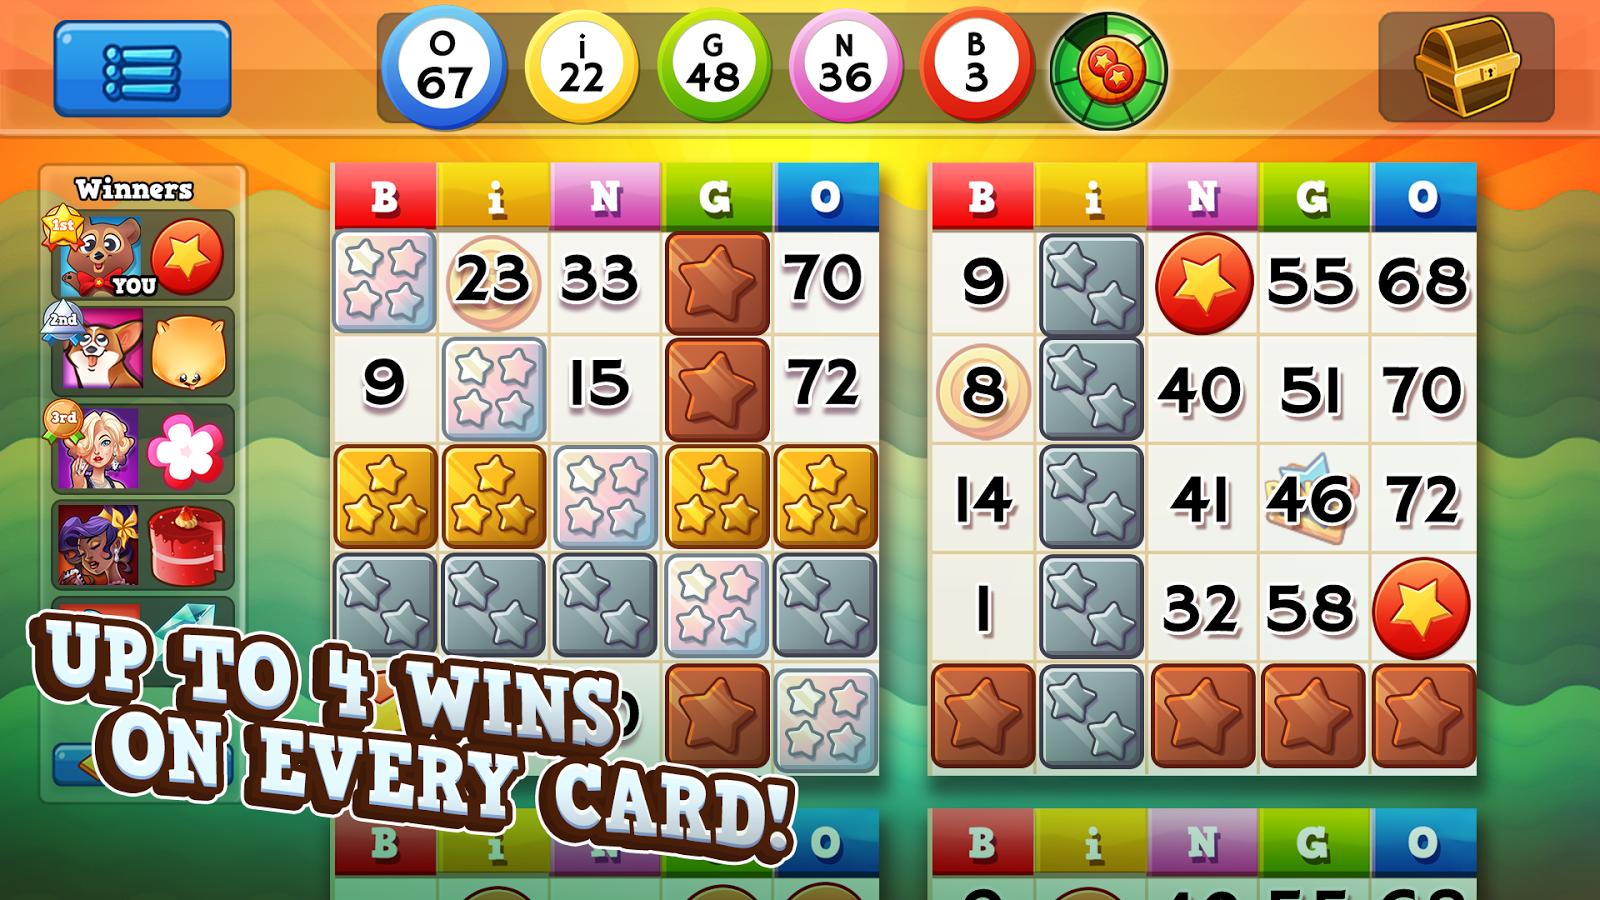 Play Pop Bingo Arcade Games at Casino.com